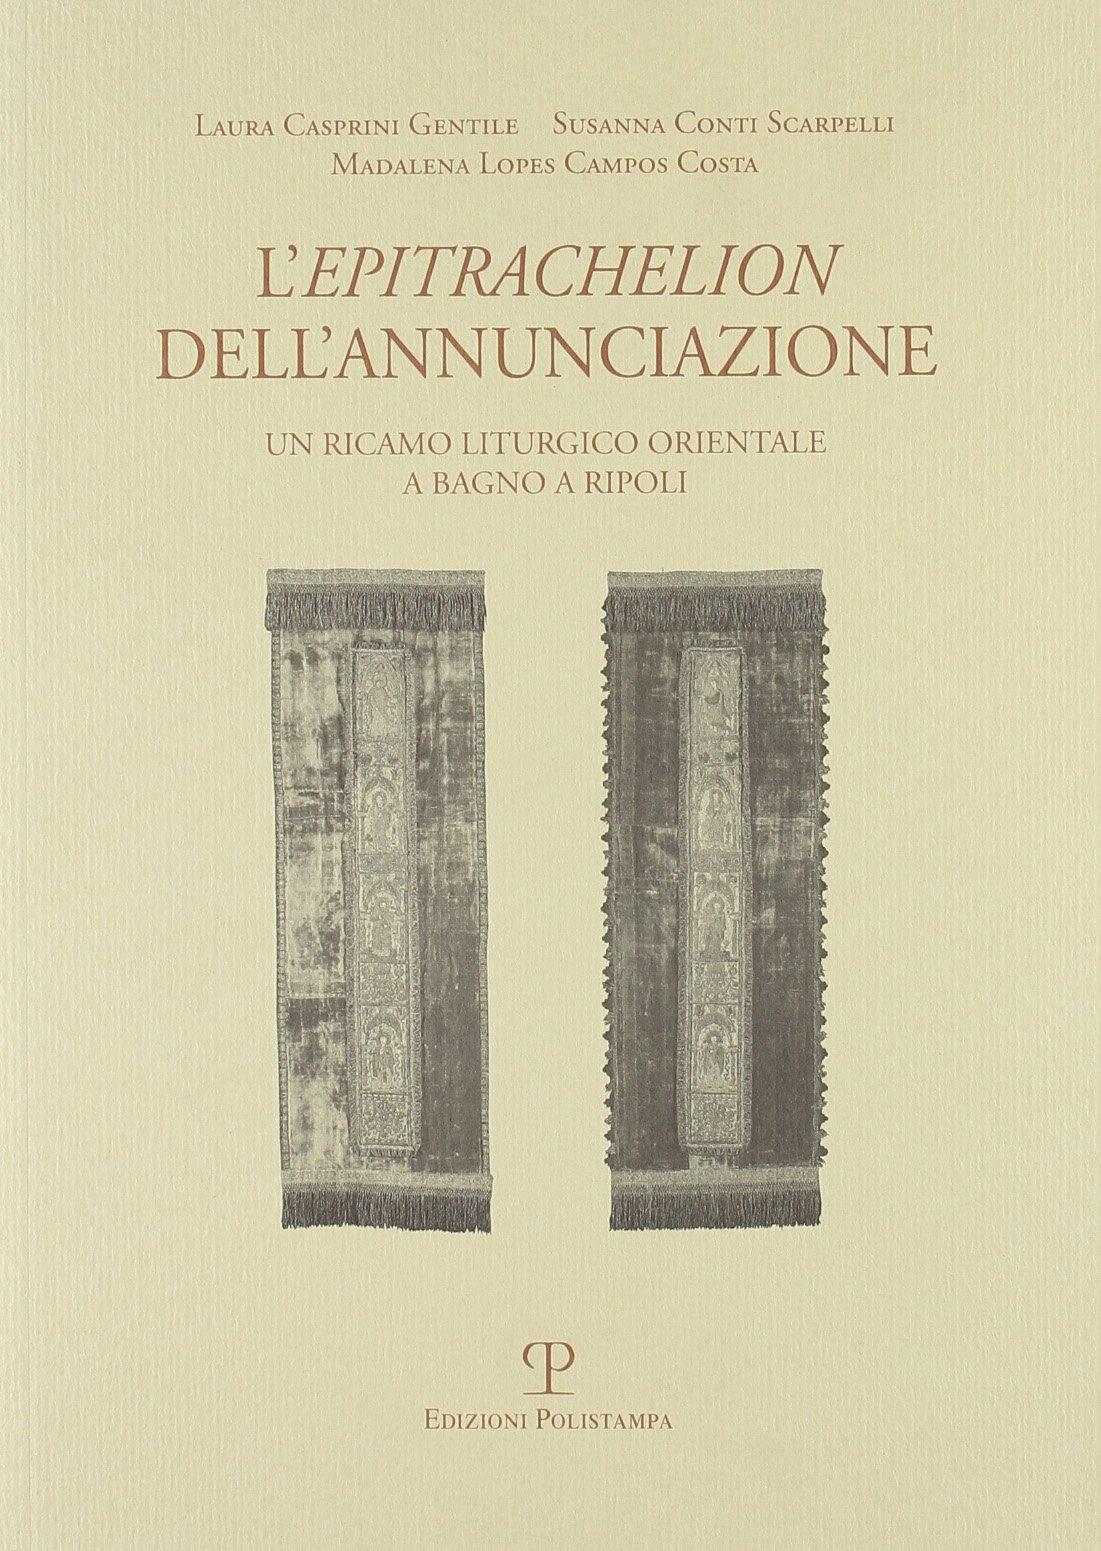 L'Epitrachelion dell'Annunciazione. Un ricamo liturgico orientale a Bagno a Ripoli